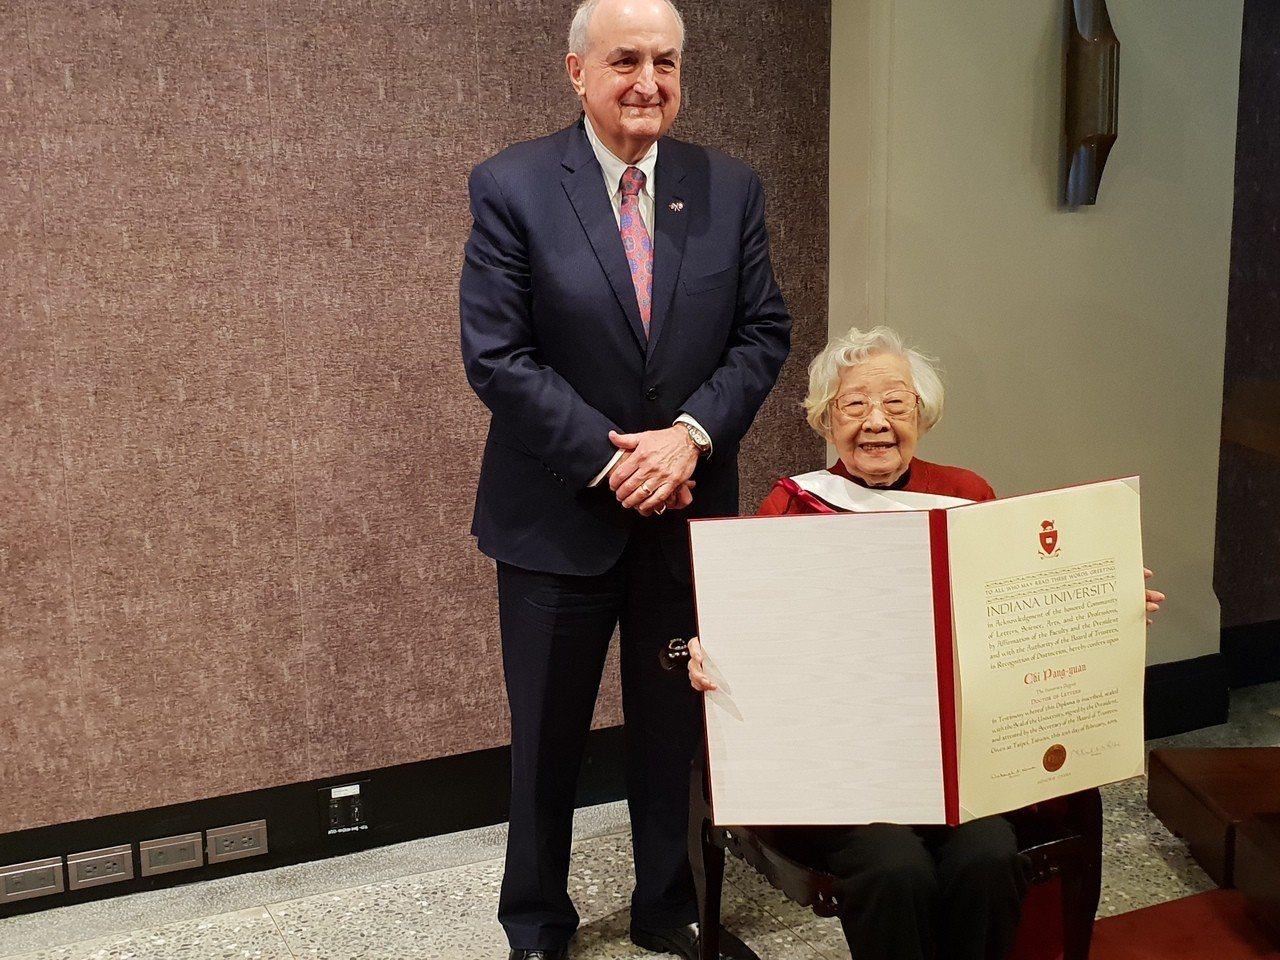 印地安那校長孟世安(Michael McRobbie)頒贈榮譽博士學位證書給台大...